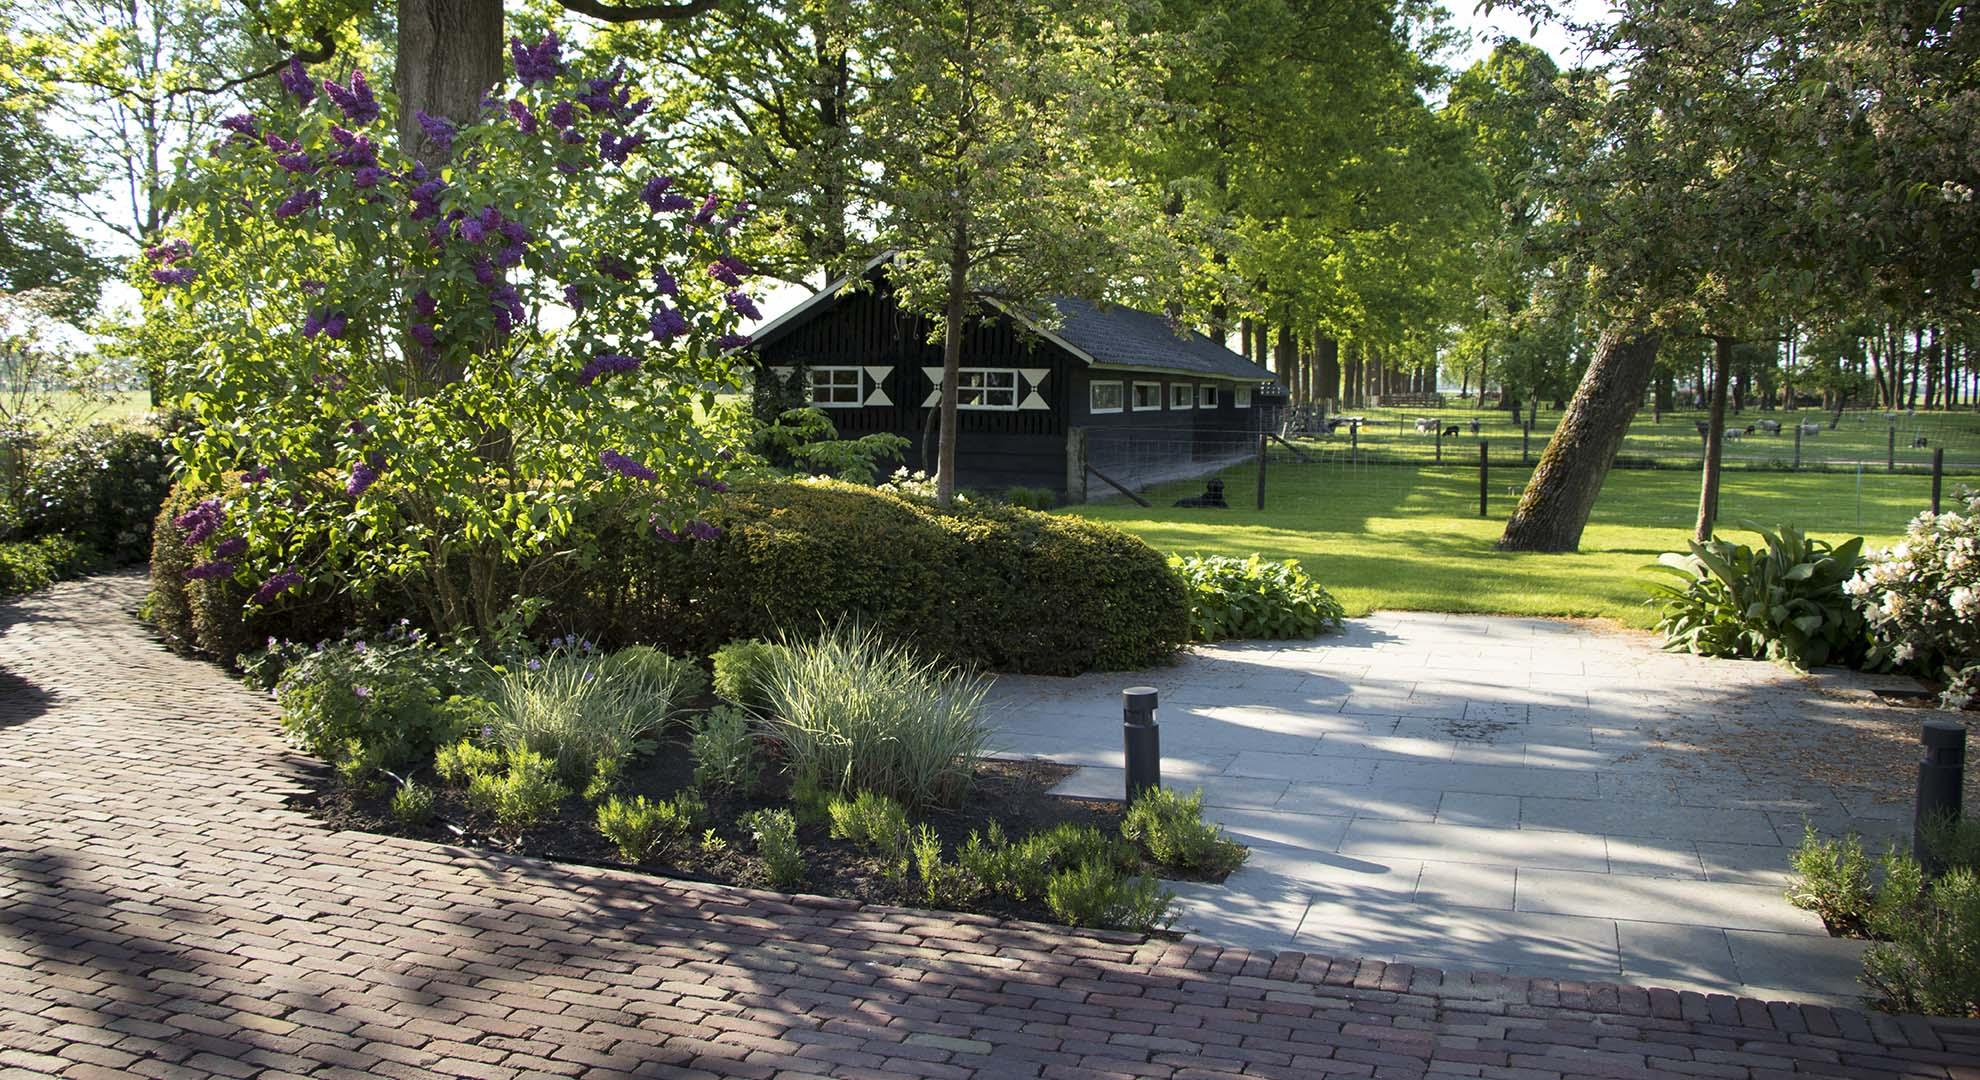 Boerderijtuin bij landgoed Woerden - Foto 8